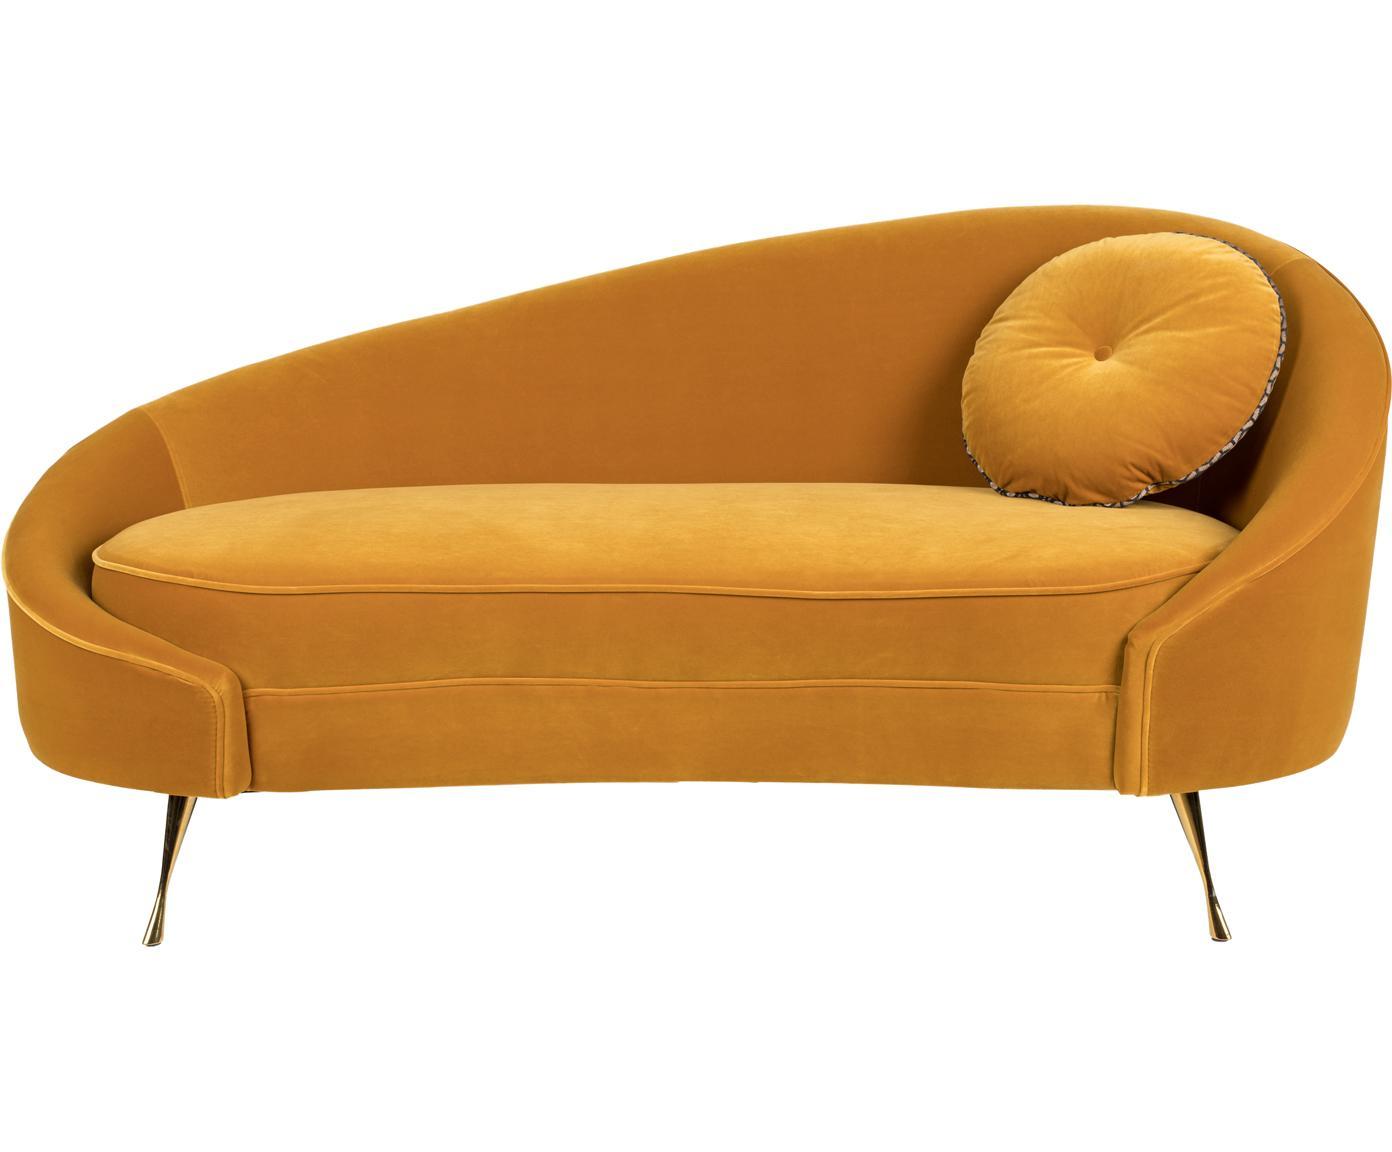 Sofa z aksamitu I Am Not A Croissant (2-osobowa), Tapicerka: aksamit poliestrowy 30 00, Nogi: stal szlachetna, powlekan, Brunatnożółty, S 168 x W 76 cm